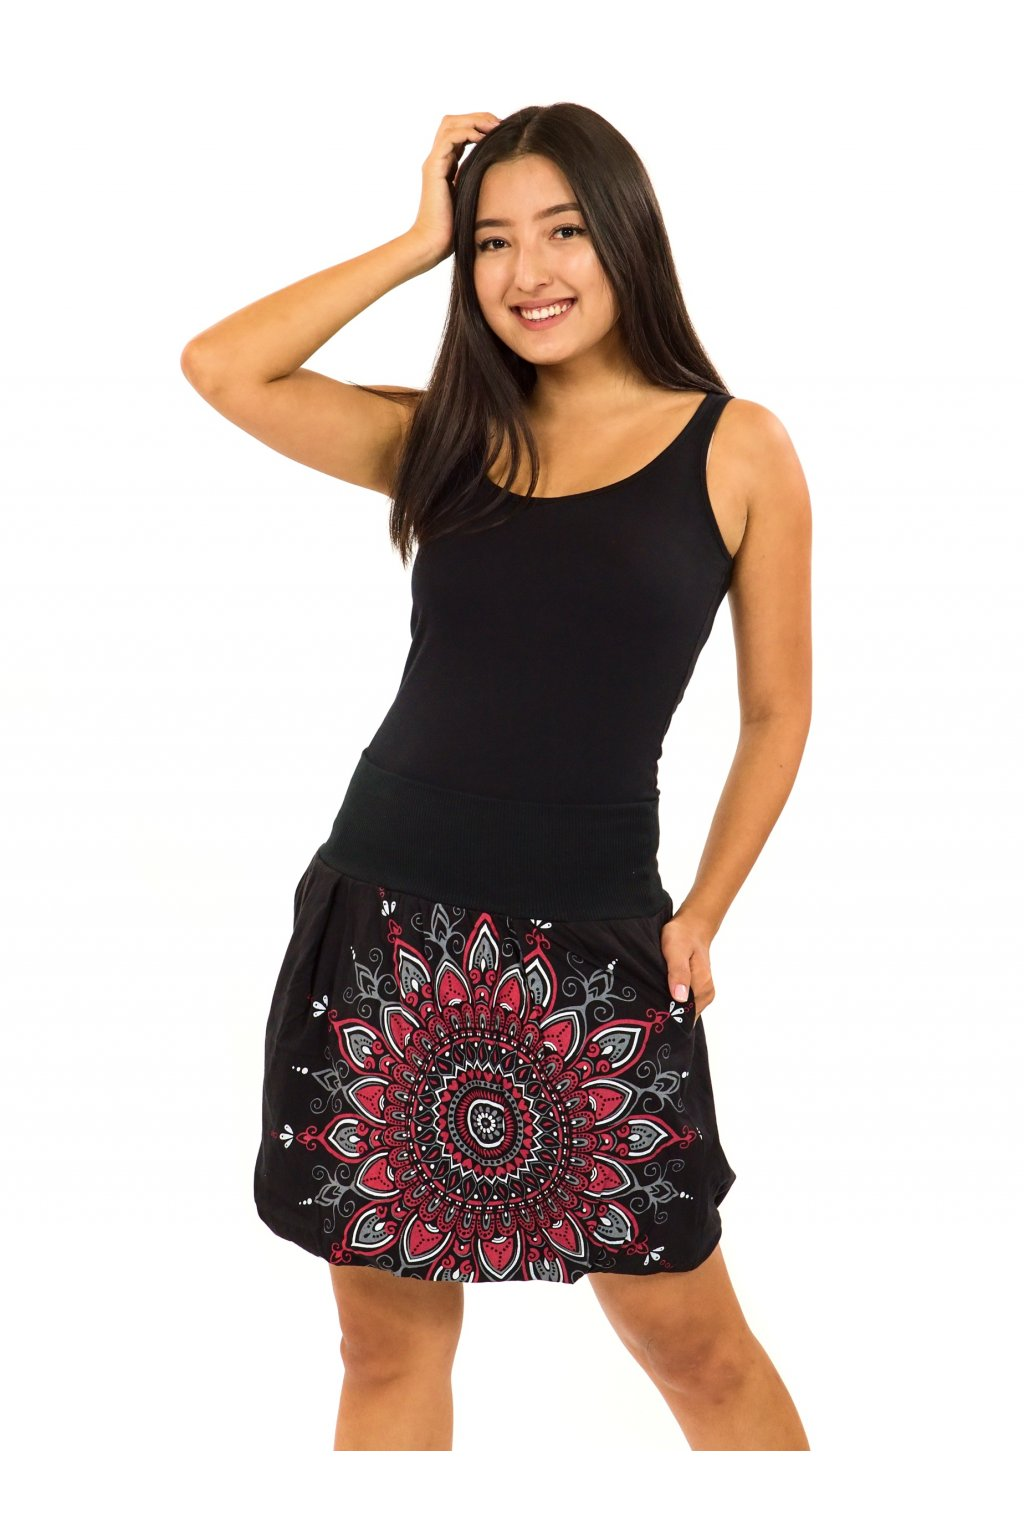 Balonová sukně Mokulea - černá s červenou